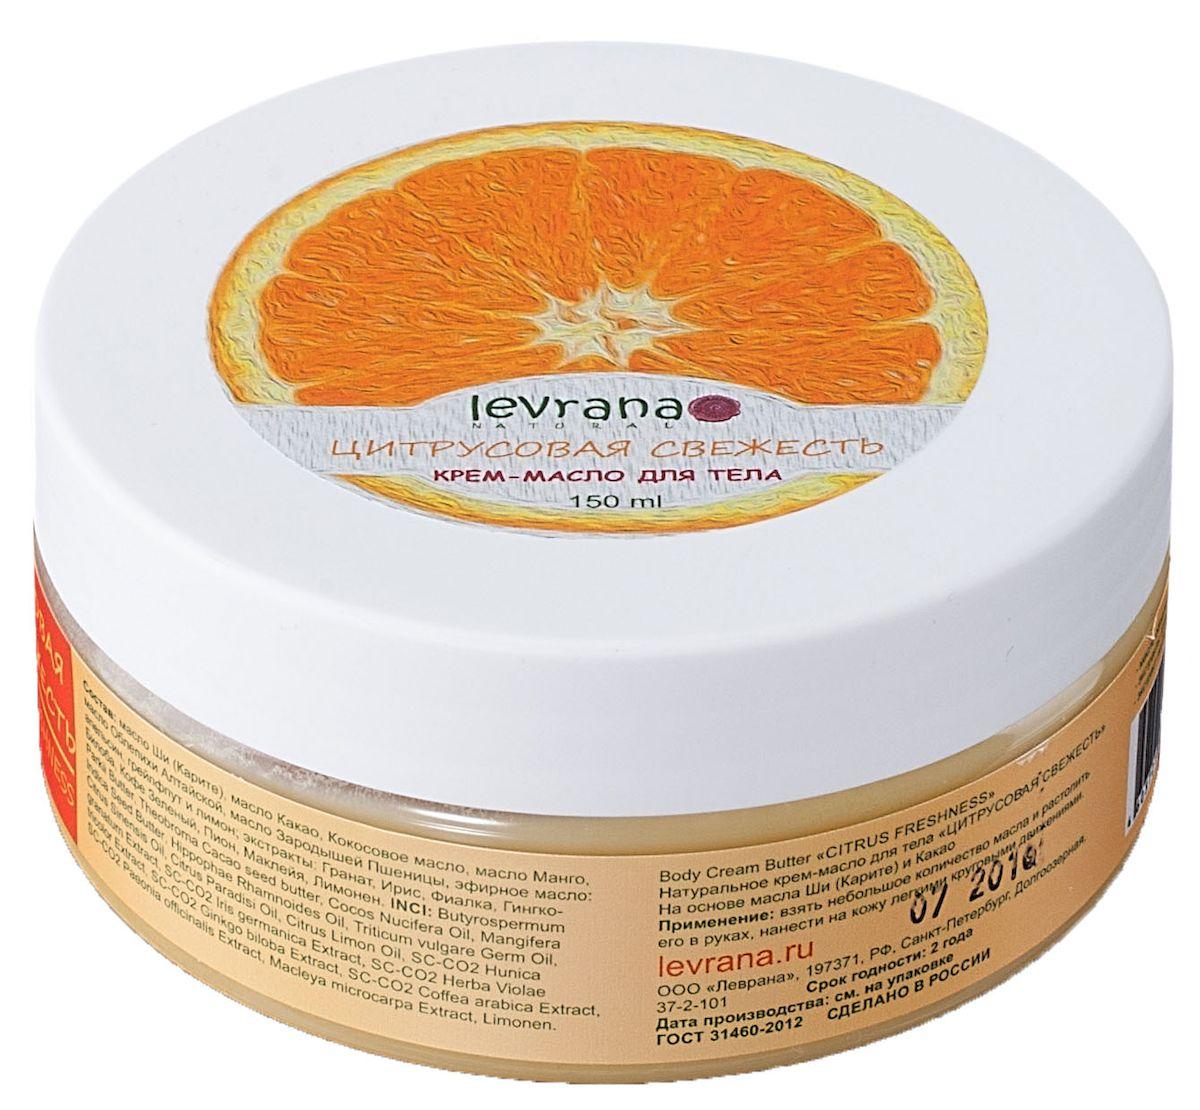 Levrana Крем-масло Цитрусовая свежесть, 150 мл7287836Используйте крем-масло для всего тела сразу после банных процедур, оно приятно смягчает и увлажняет кожу, а также насыщает ее витаминами.